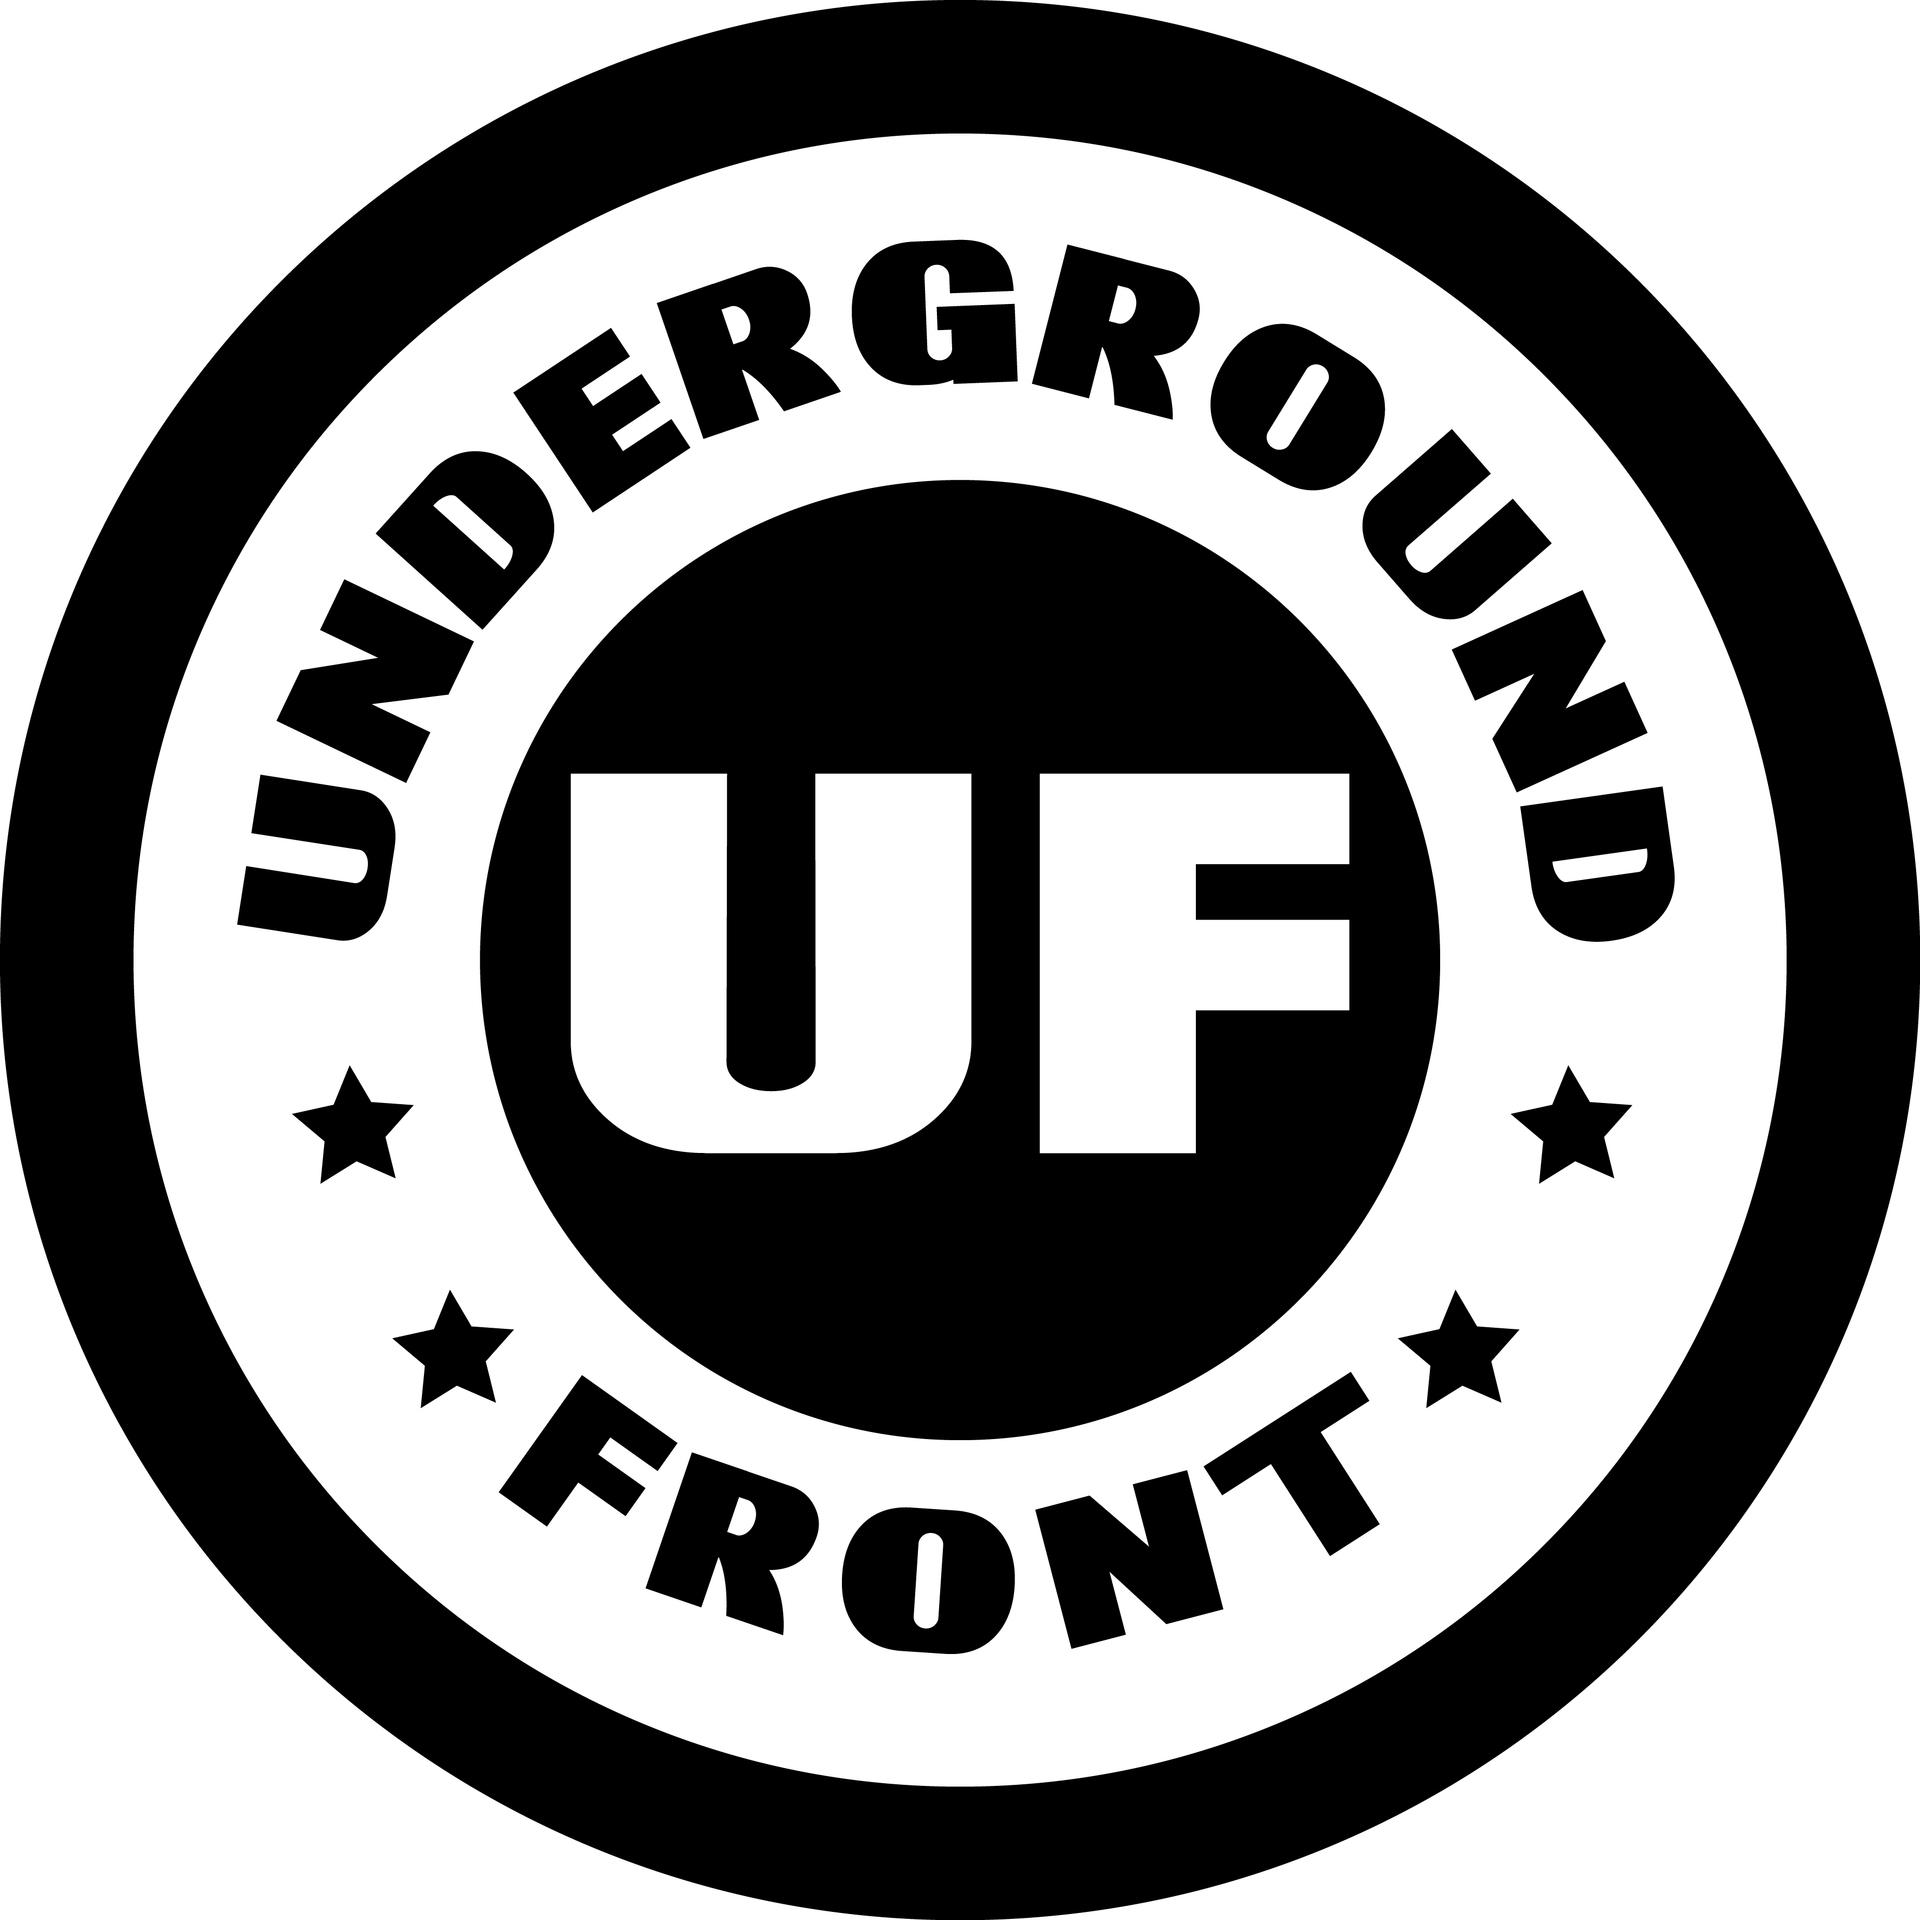 UNDERGROUND FRONT